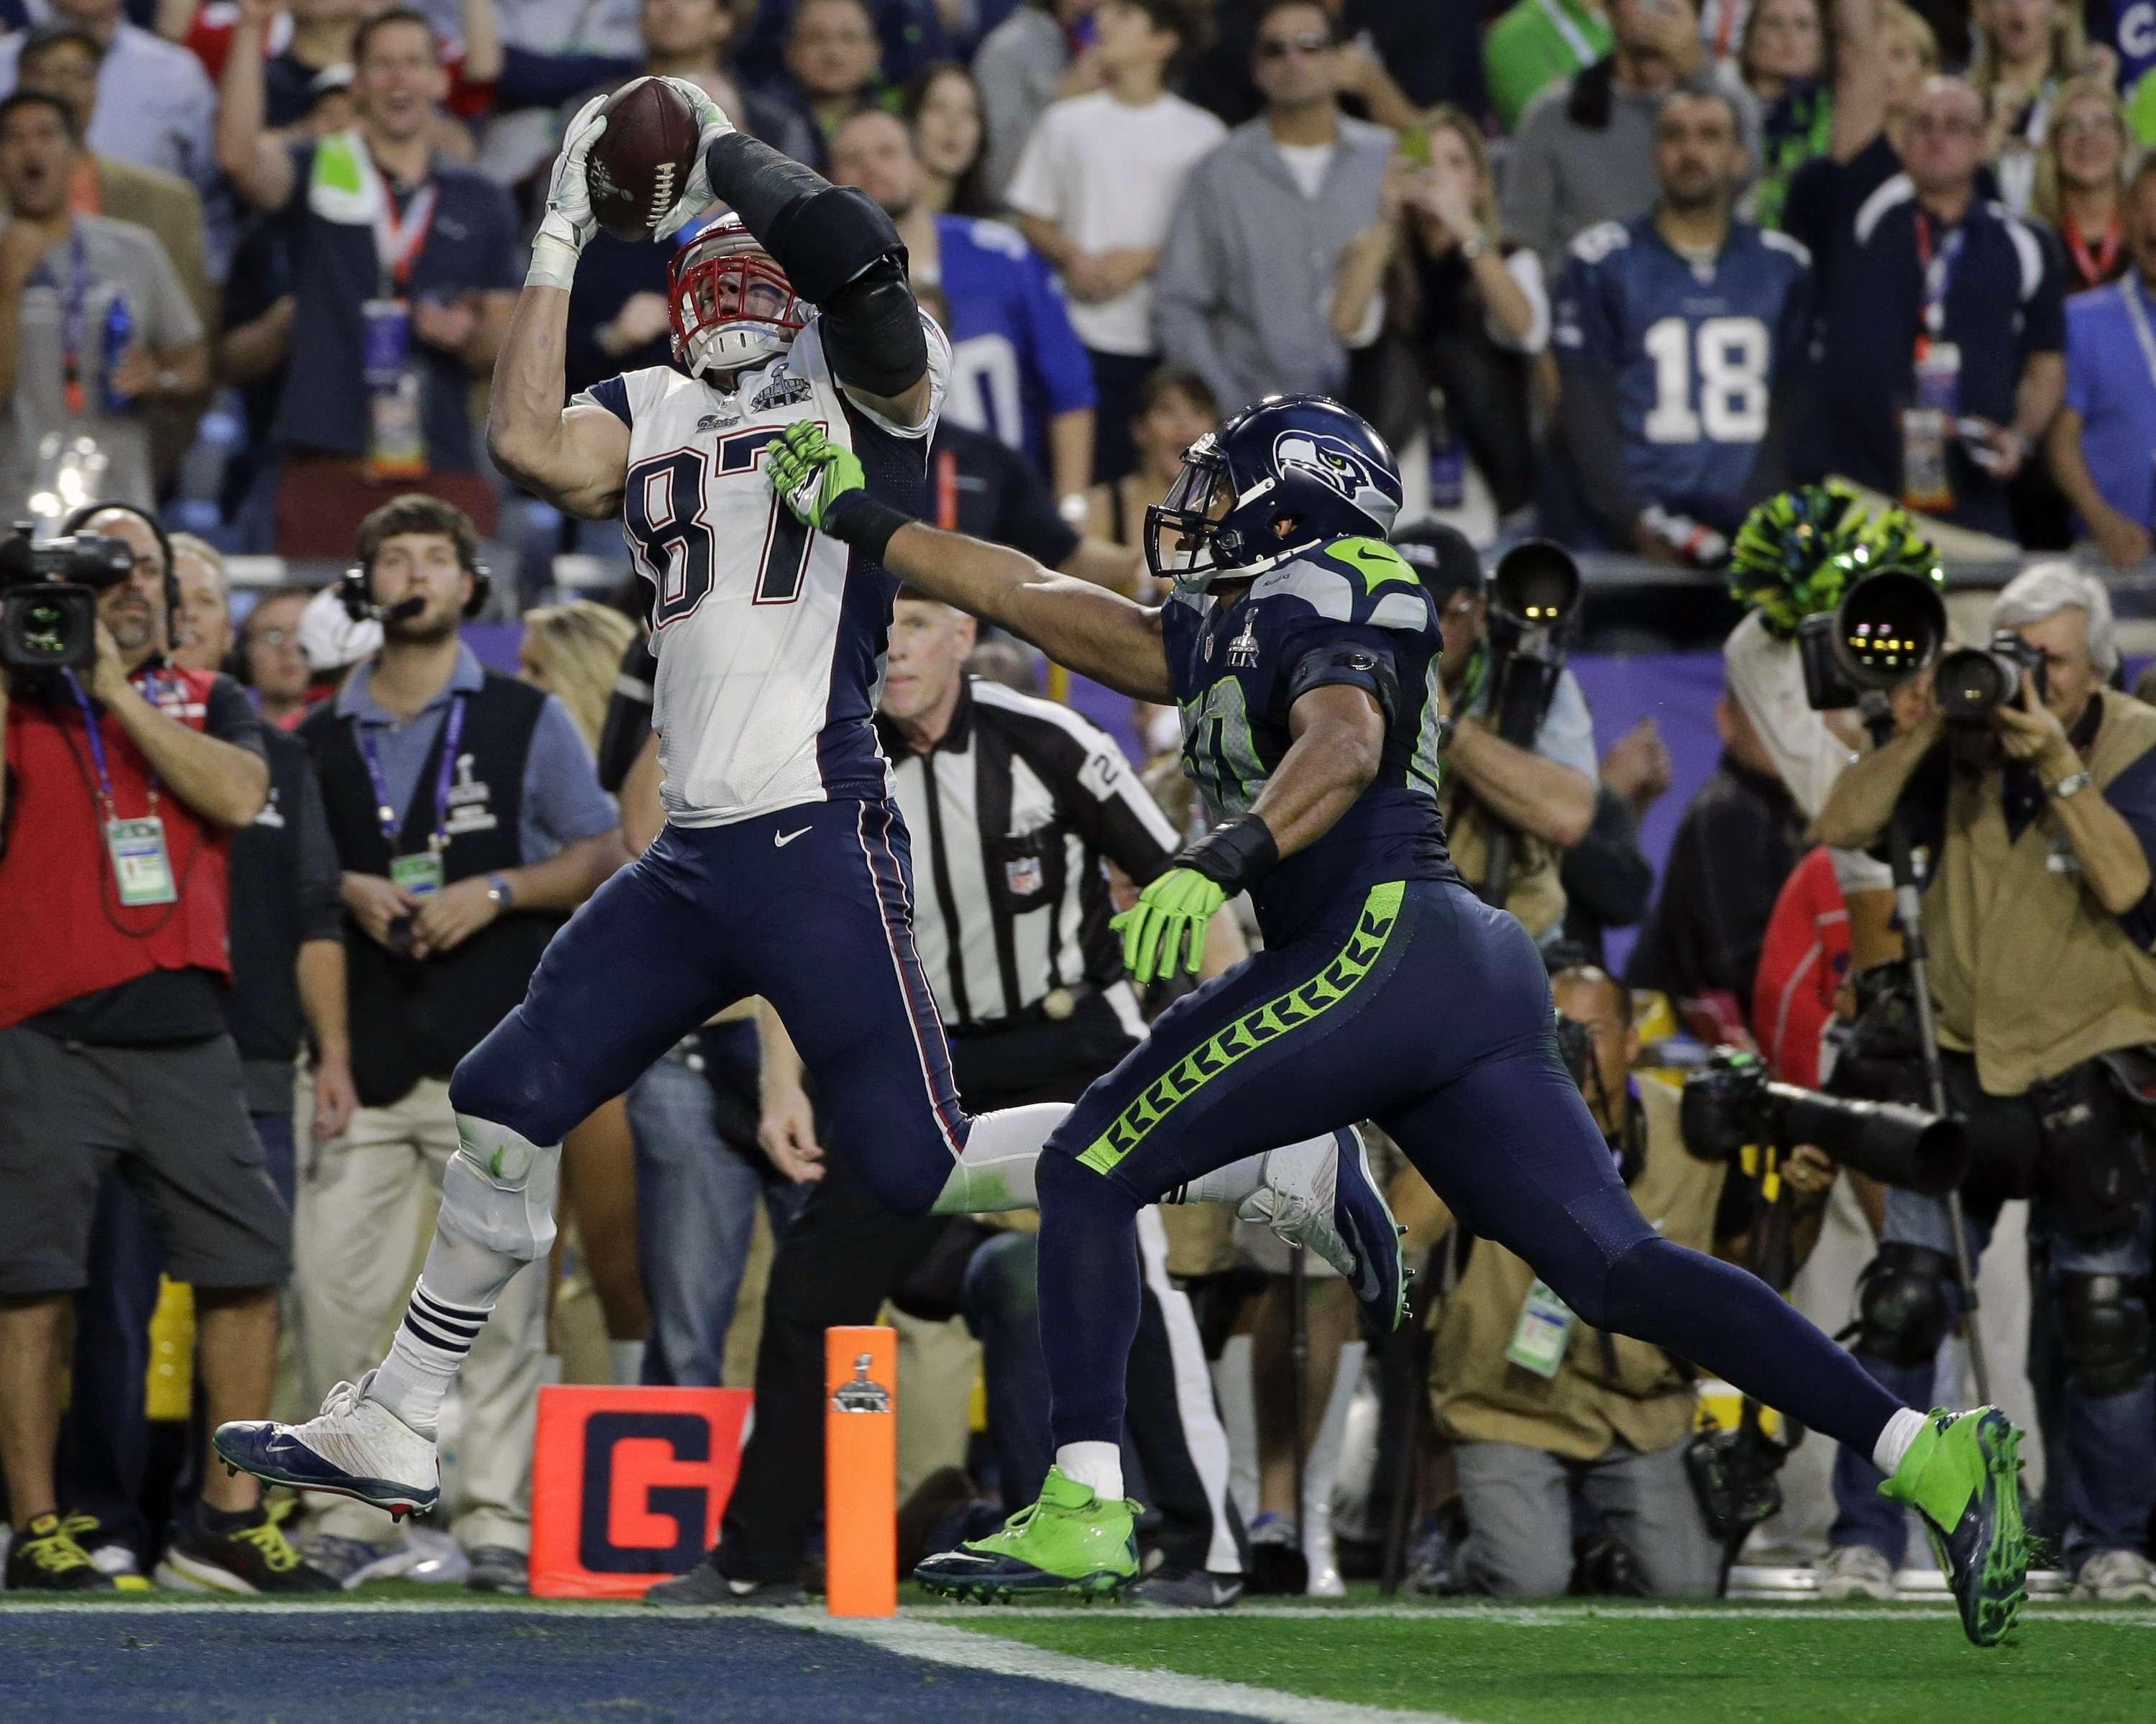 Gronwkowsky con su pase de anotación, once en Super Bowl para Tom Brady para empatar a Joe Montana Foto: AP